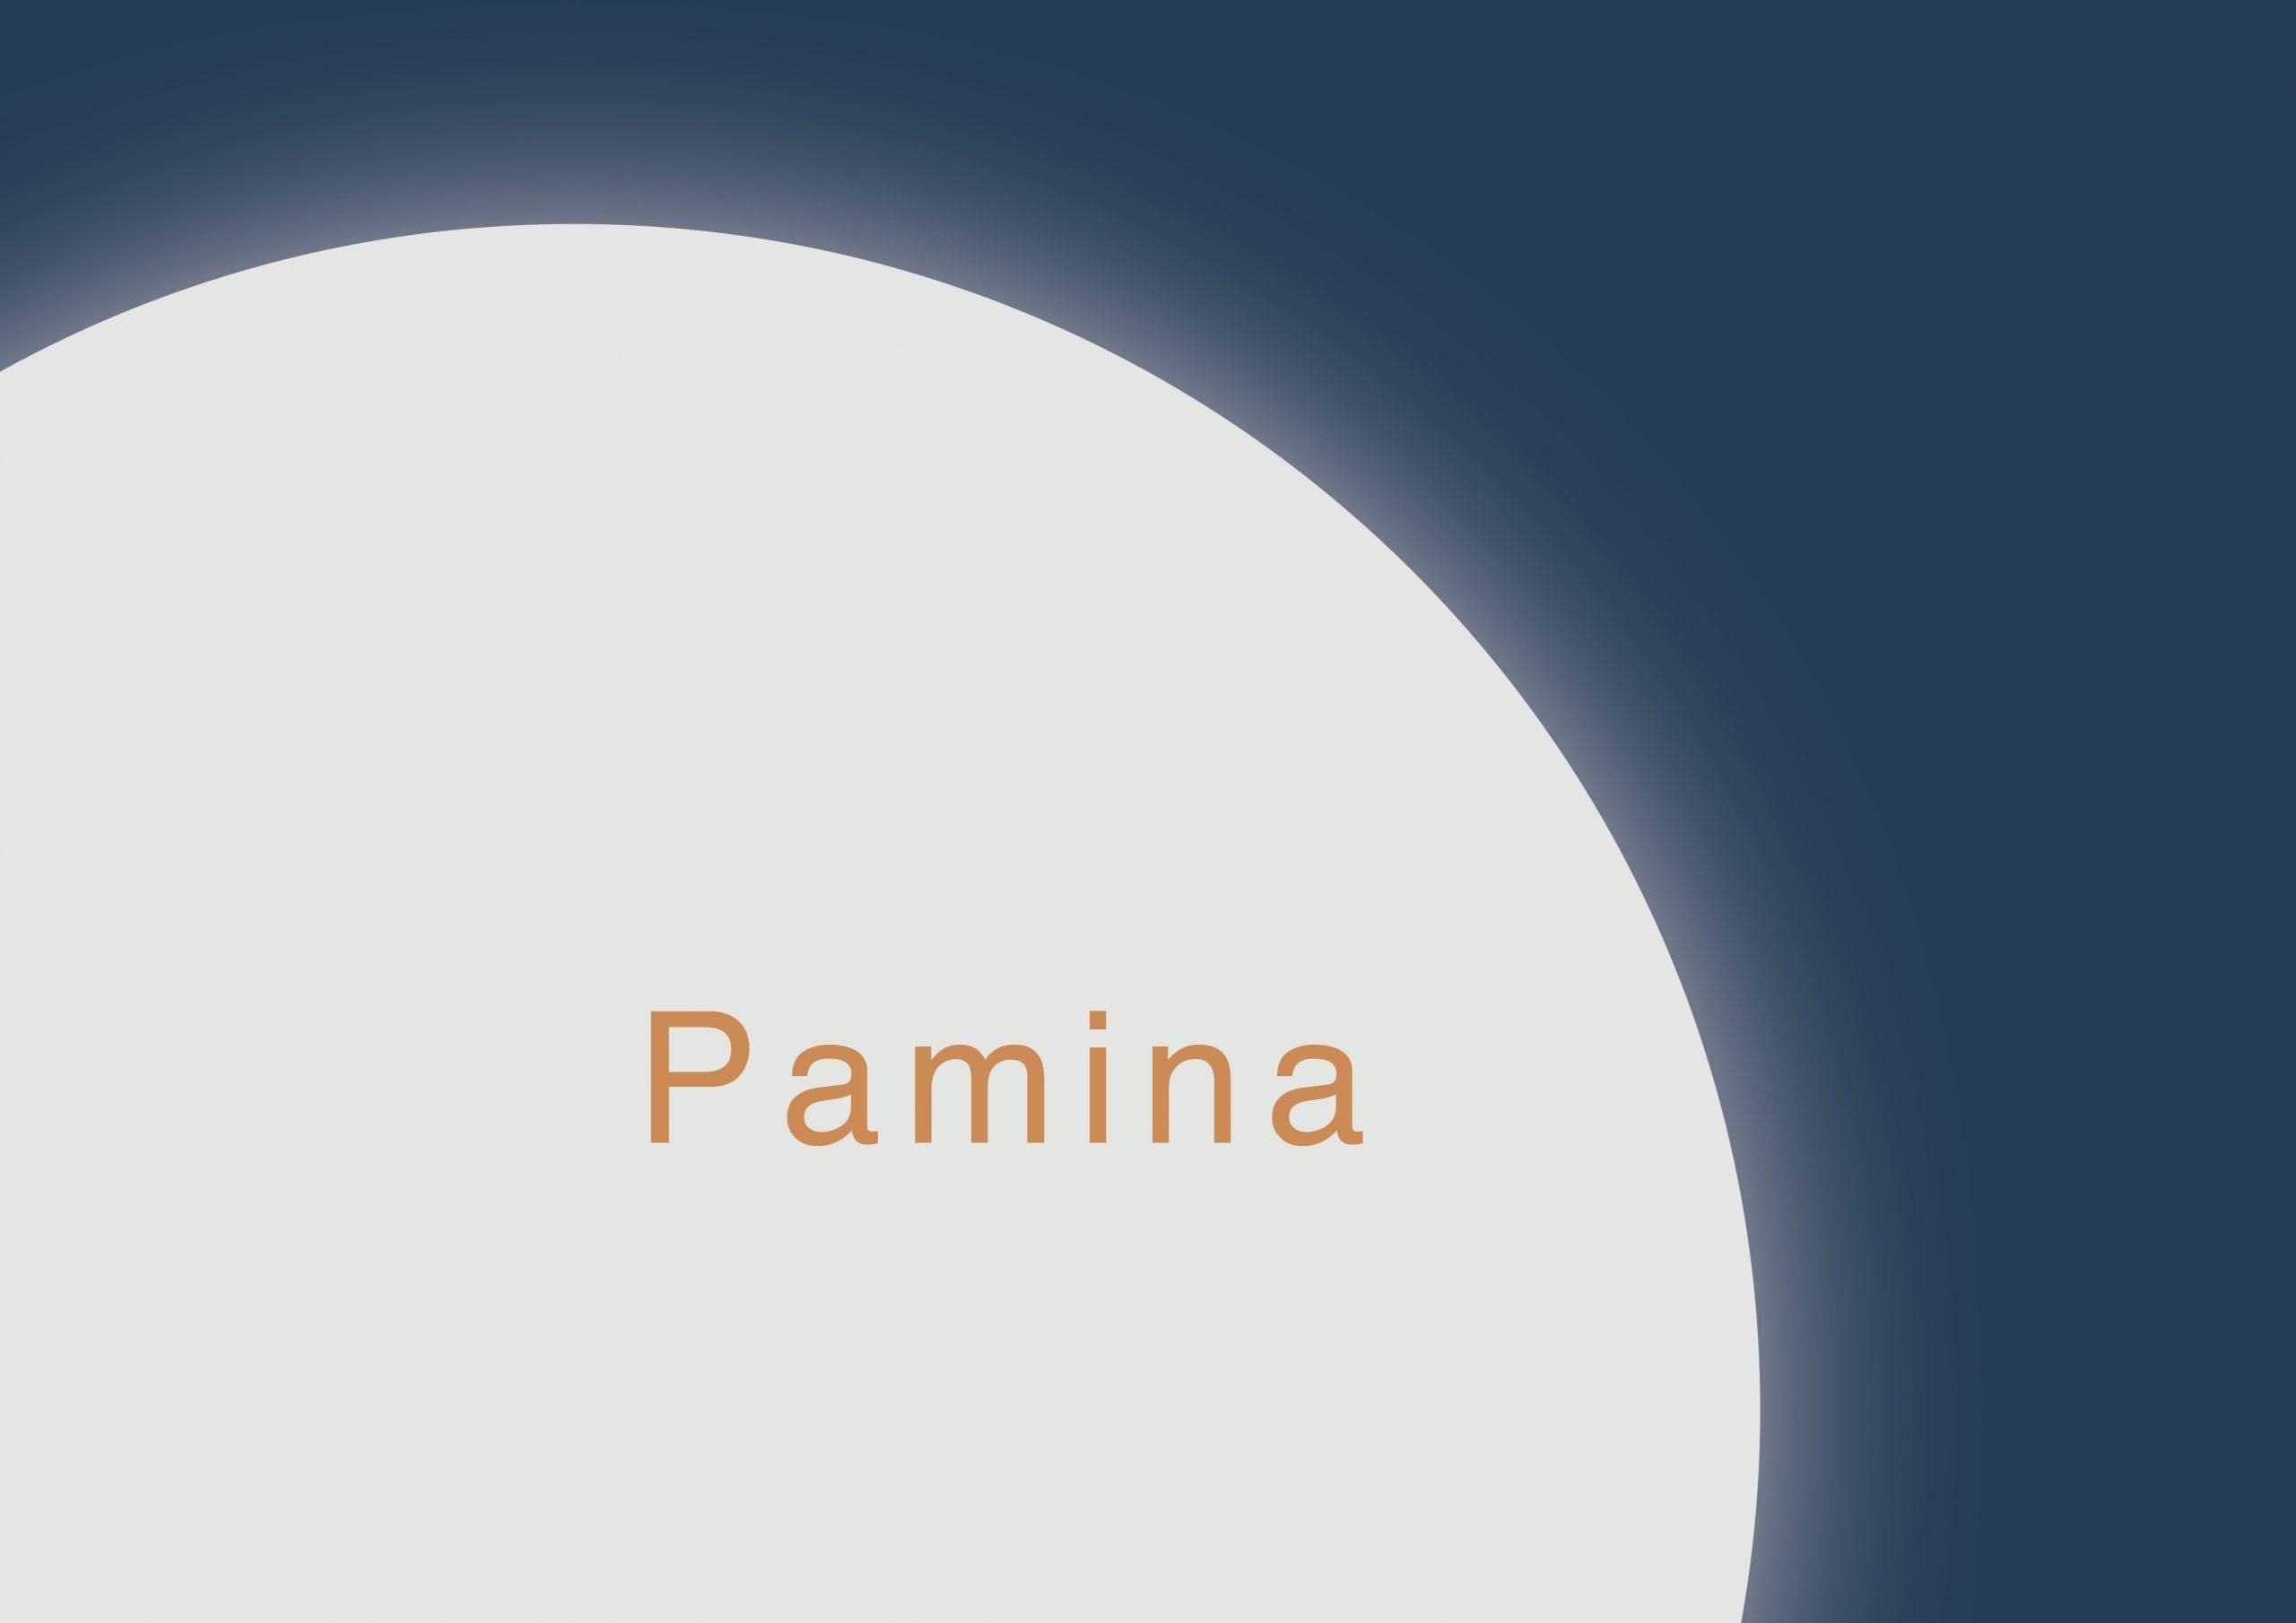 pamina_oben